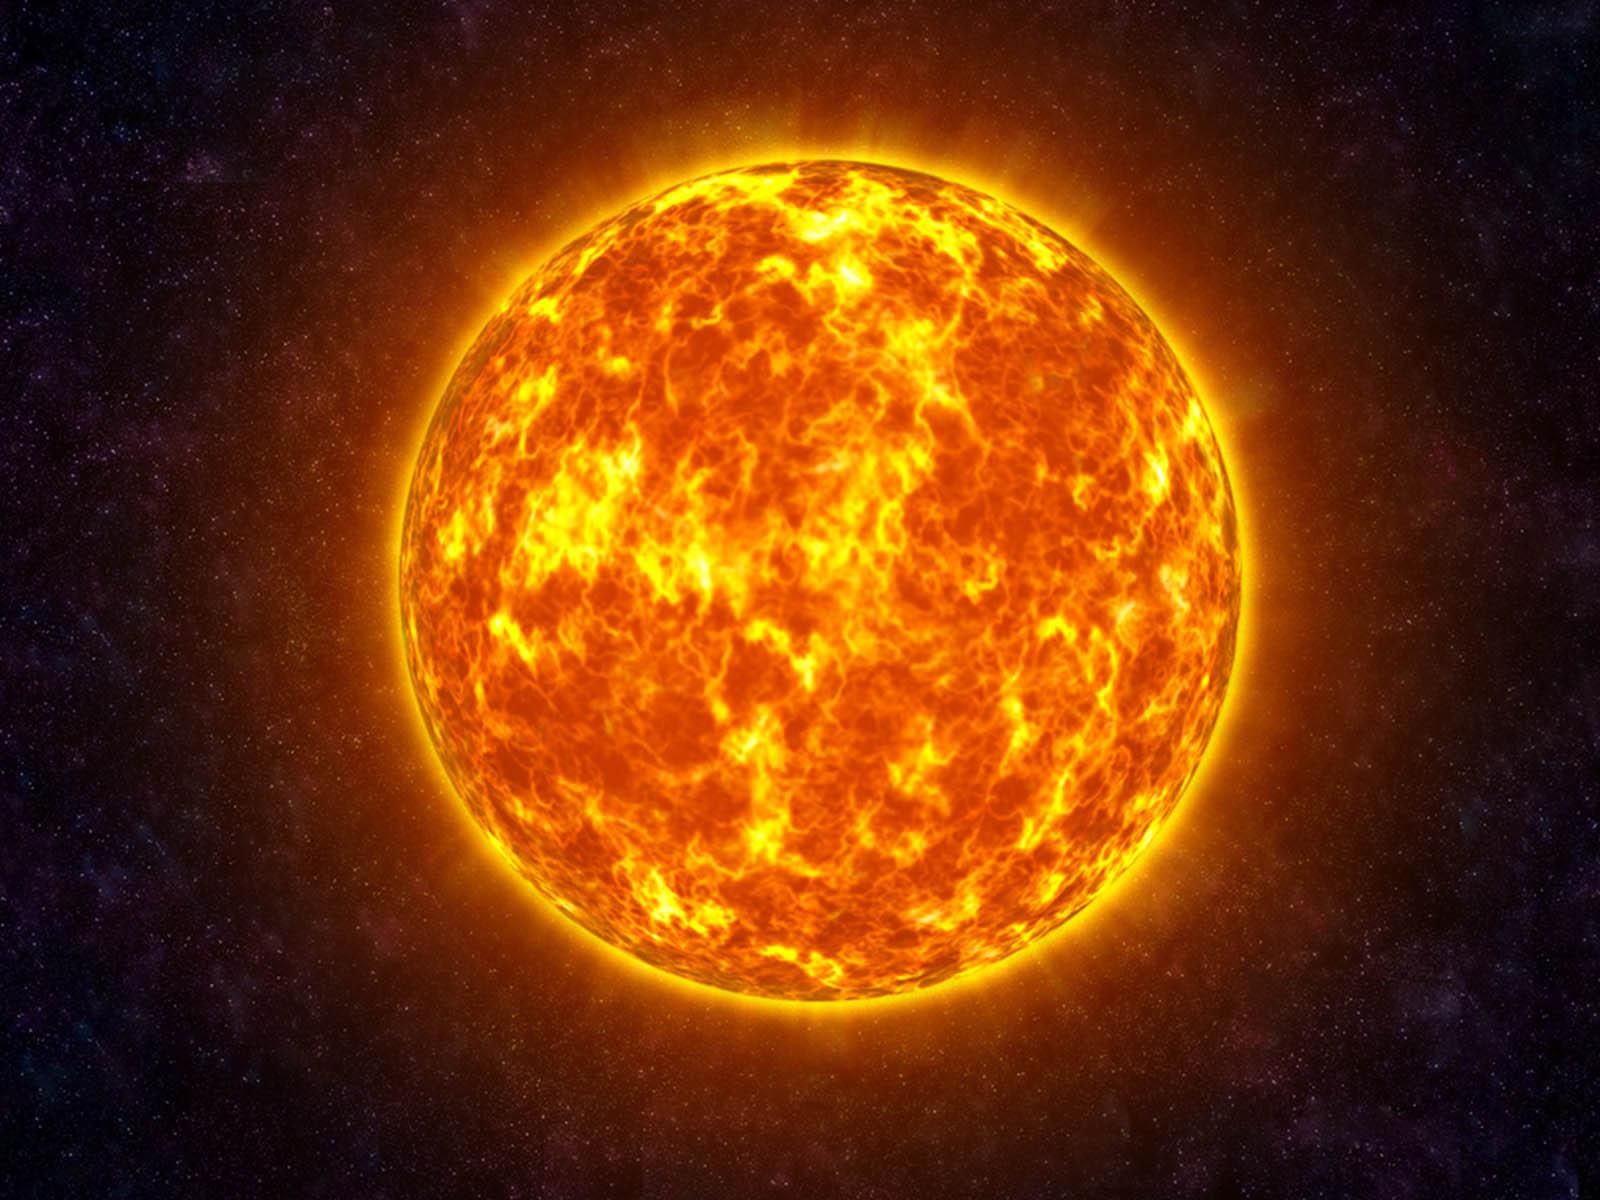 НЛО 420 дней кружит возле Солнца